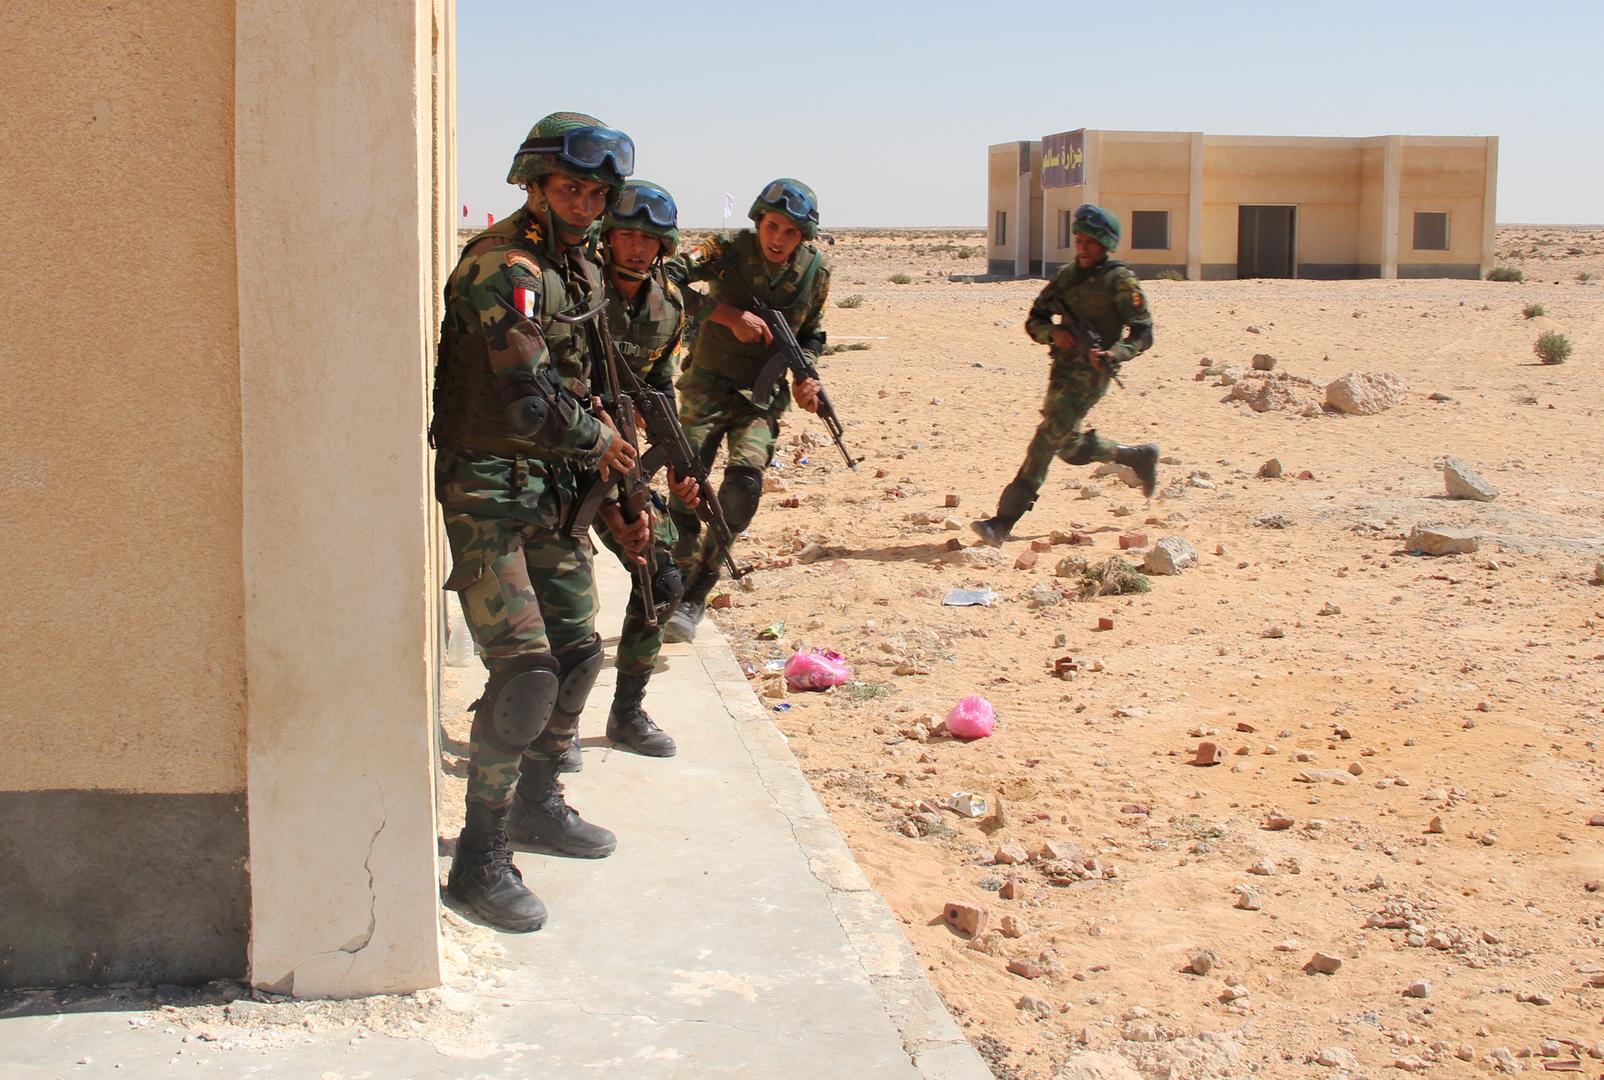 الجيش المصري يتفق مع السودان على تأمين الحدود